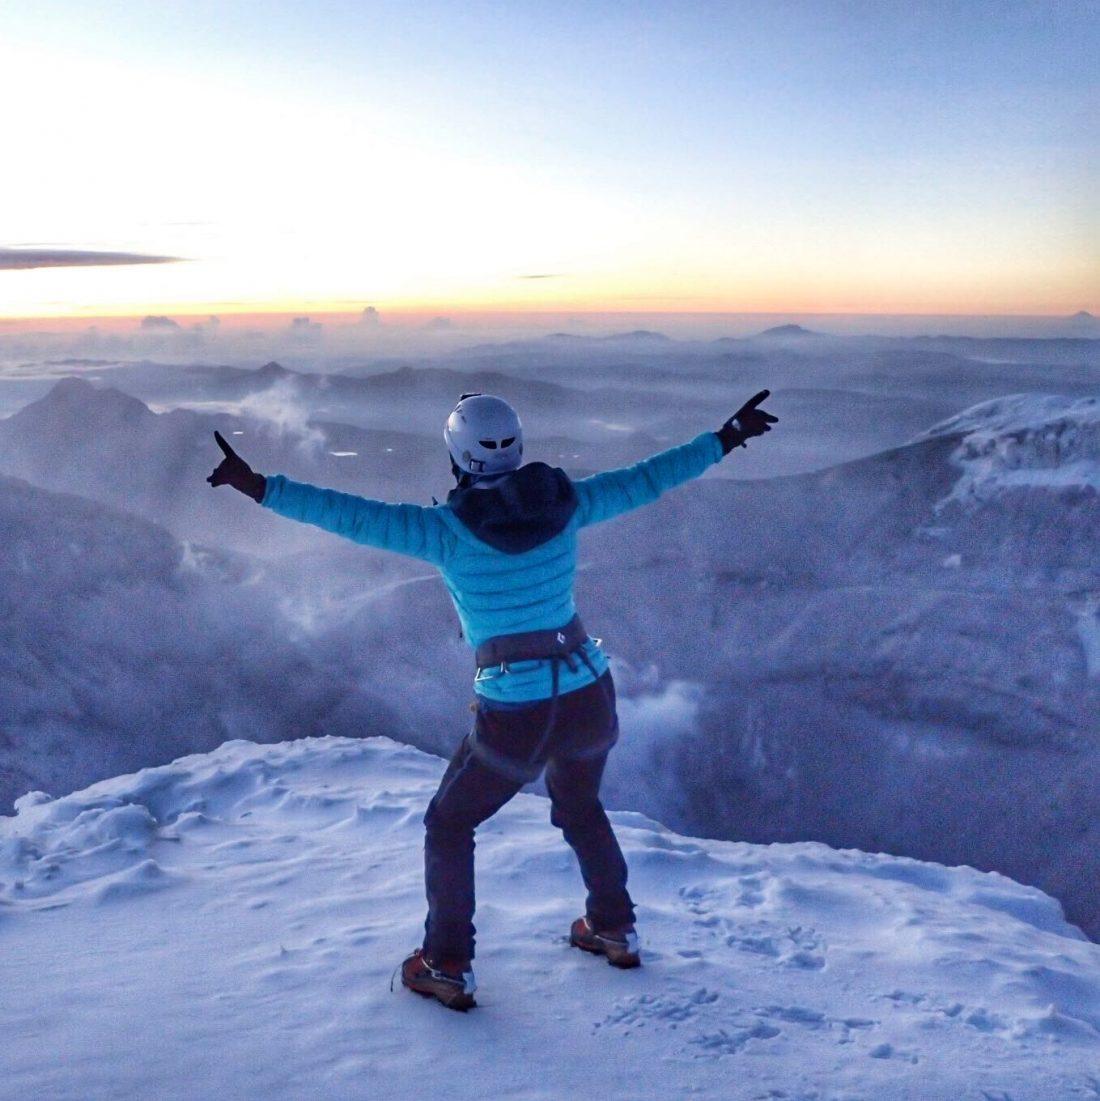 Aint no mountain High enough - Cotopaxi